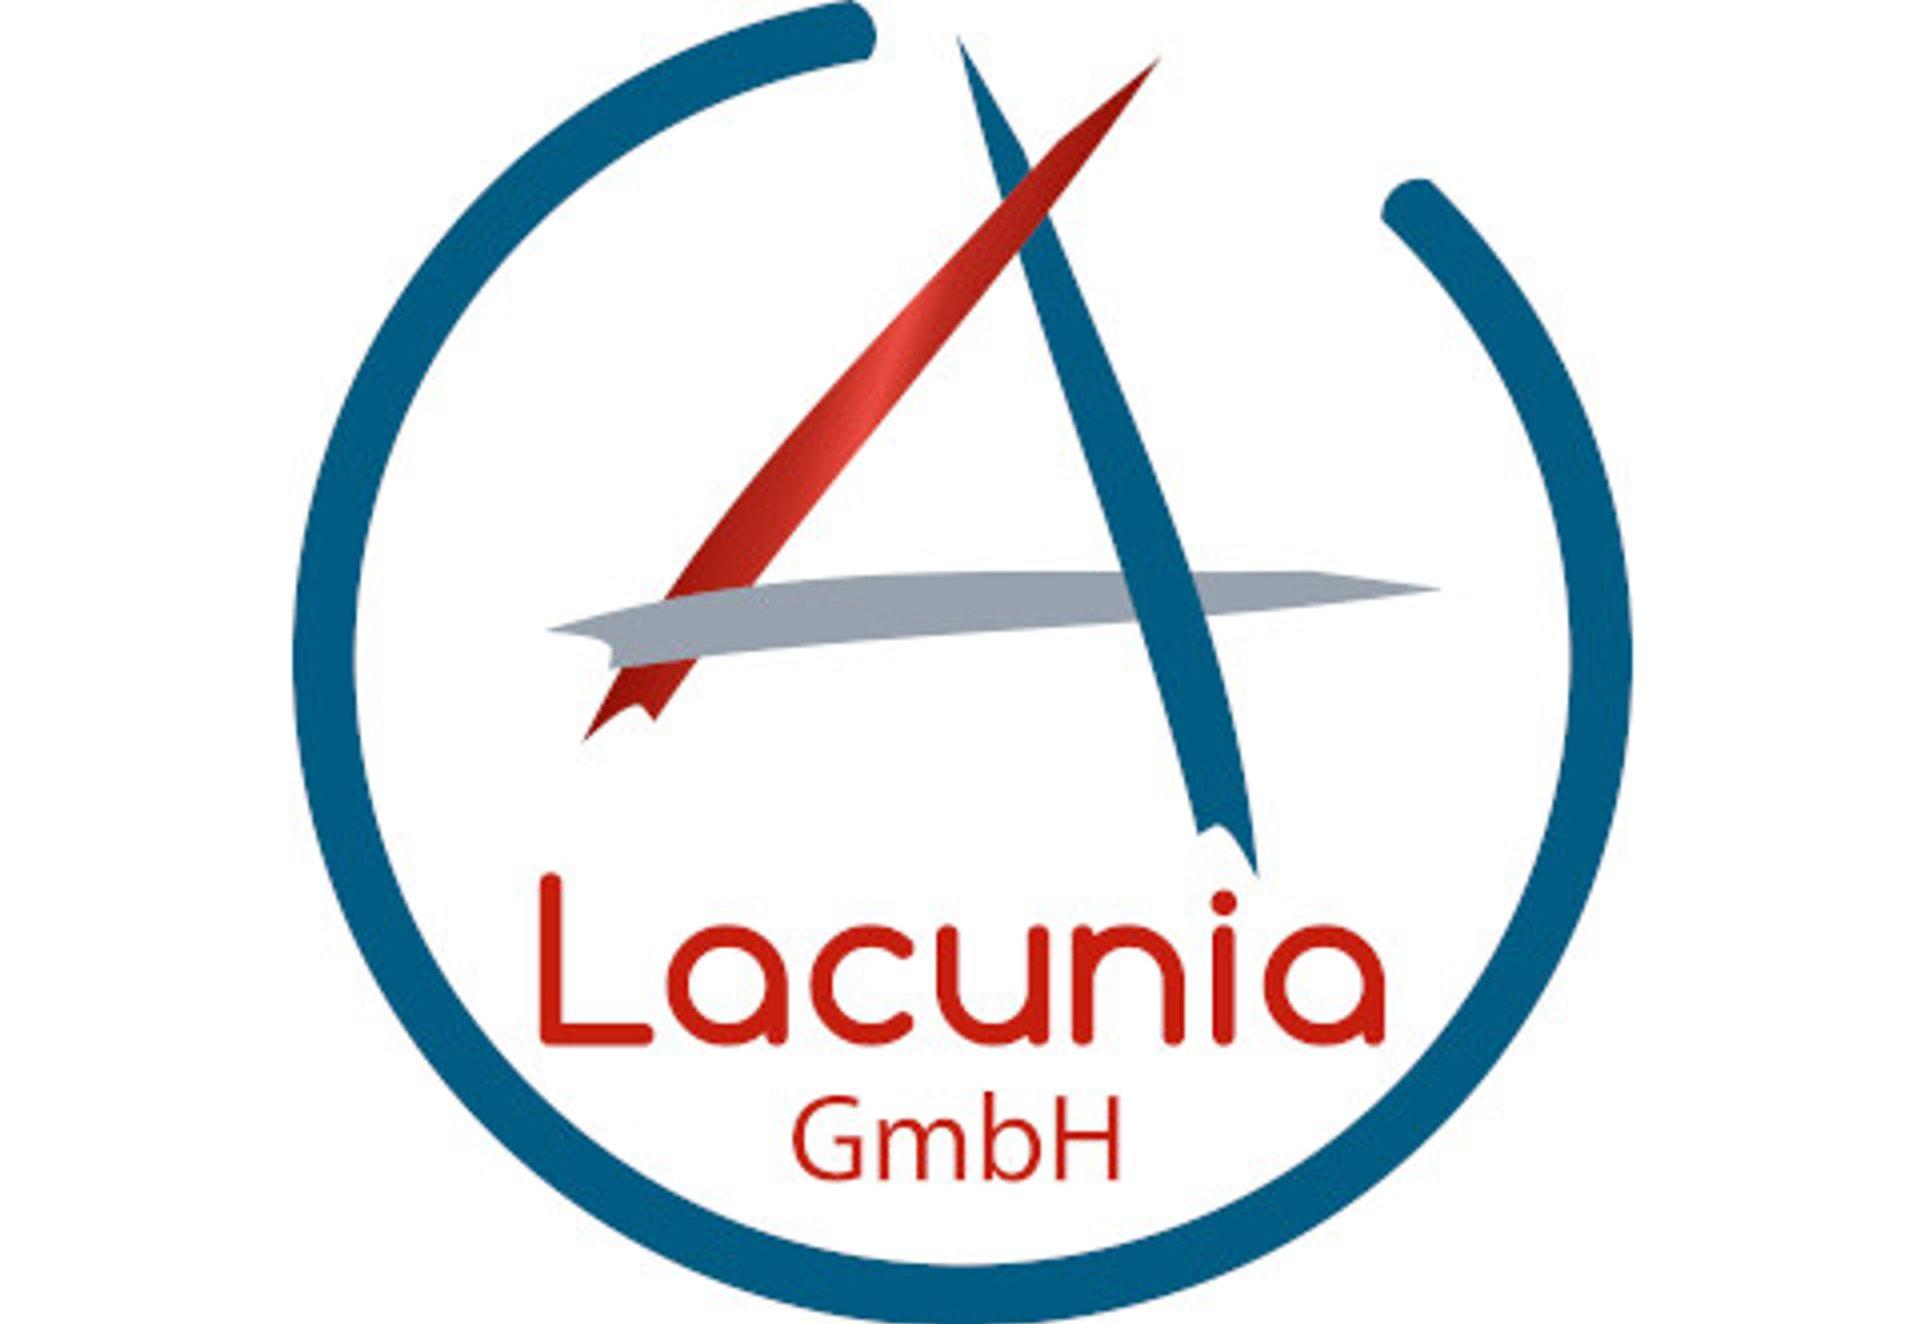 Lacunia